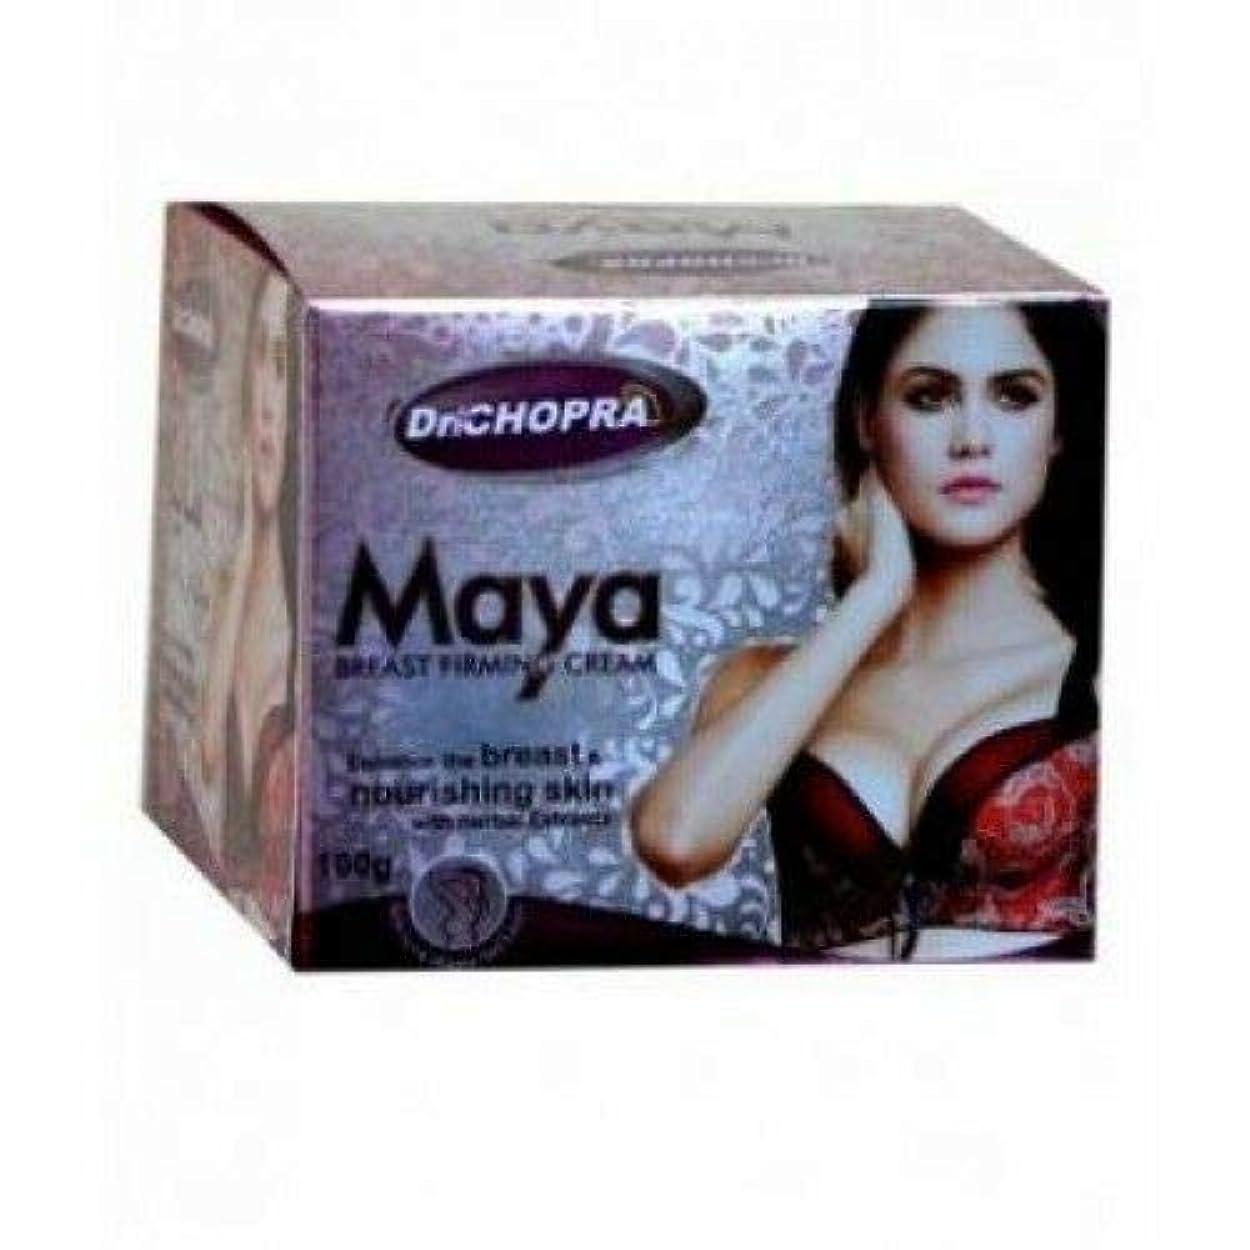 ソーダ水の間で偏差Breast Firming Cream 100g Enhance Breast & Nourishing Skin Herbal Extracts 胸の引き締めクリームは、胸と栄養肌のハーブエキスを強化します。